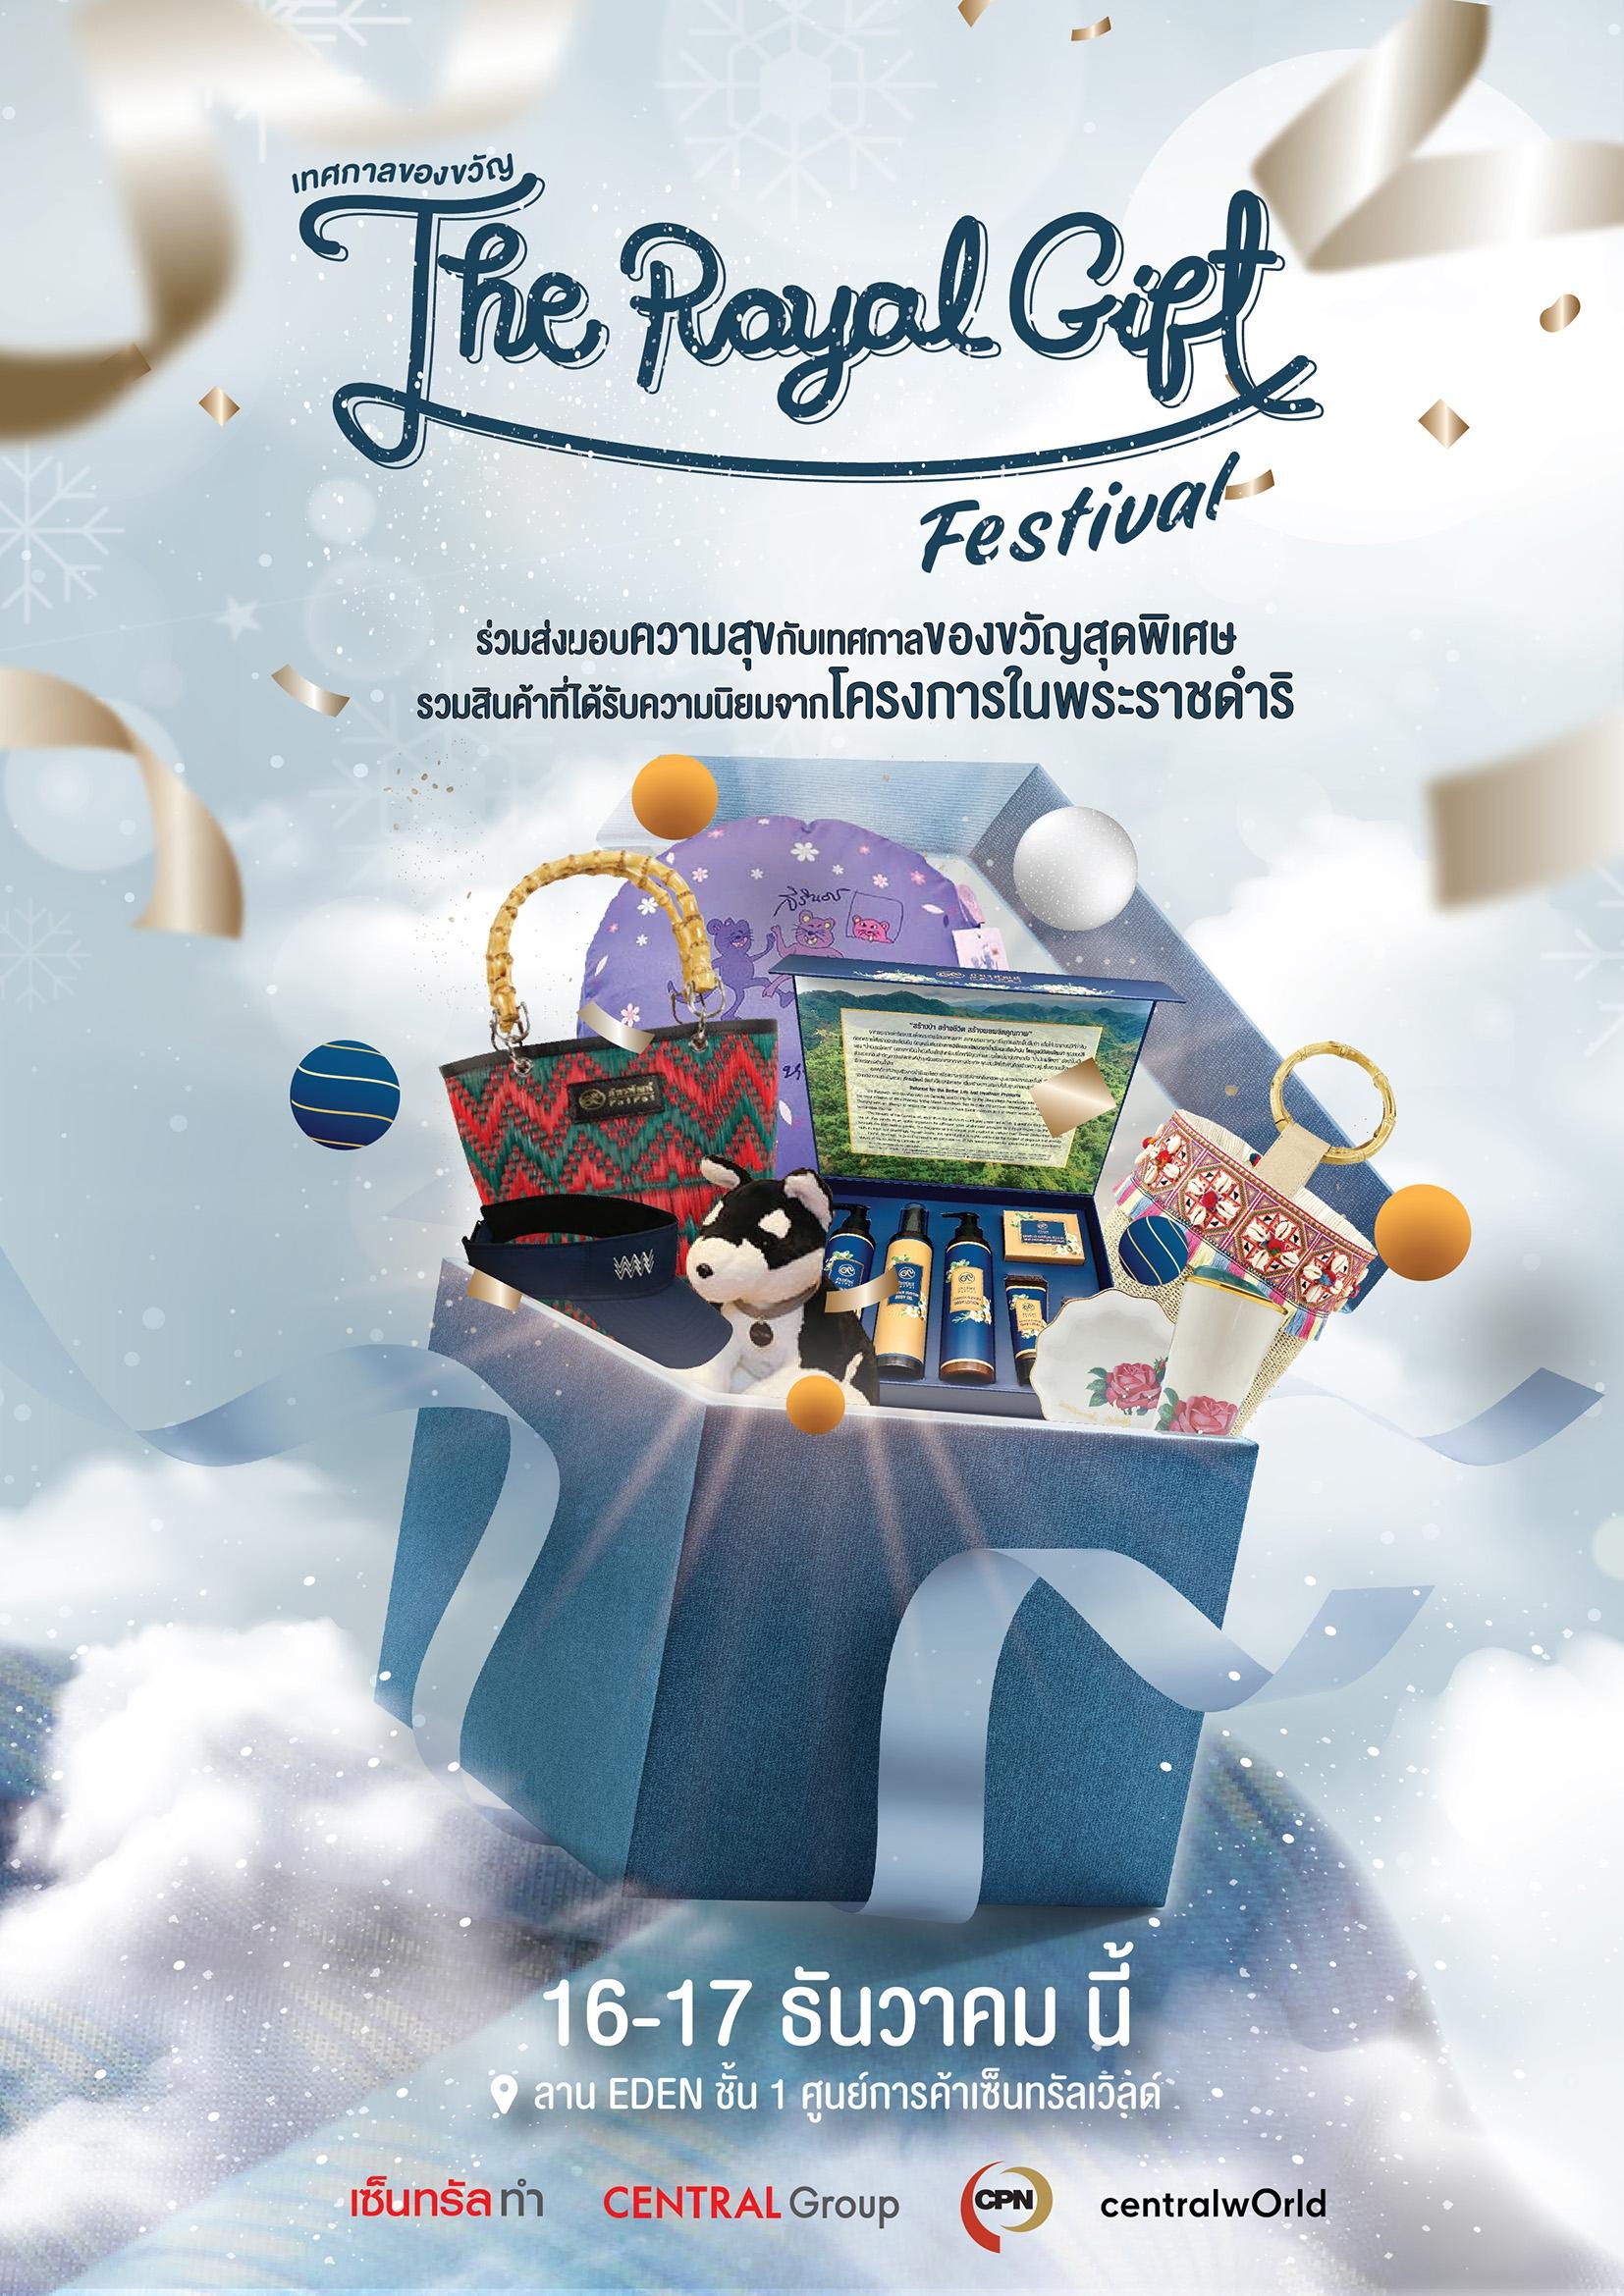 """""""ช้อปความสุข"""" งาน""""The Royal Gift Festival"""" เทศกาลร้านค้าโครงการในพระราชดำริ 16-17 ธ.ค.นี้ชั้น 1เซ็นทรัลเวิลด์"""